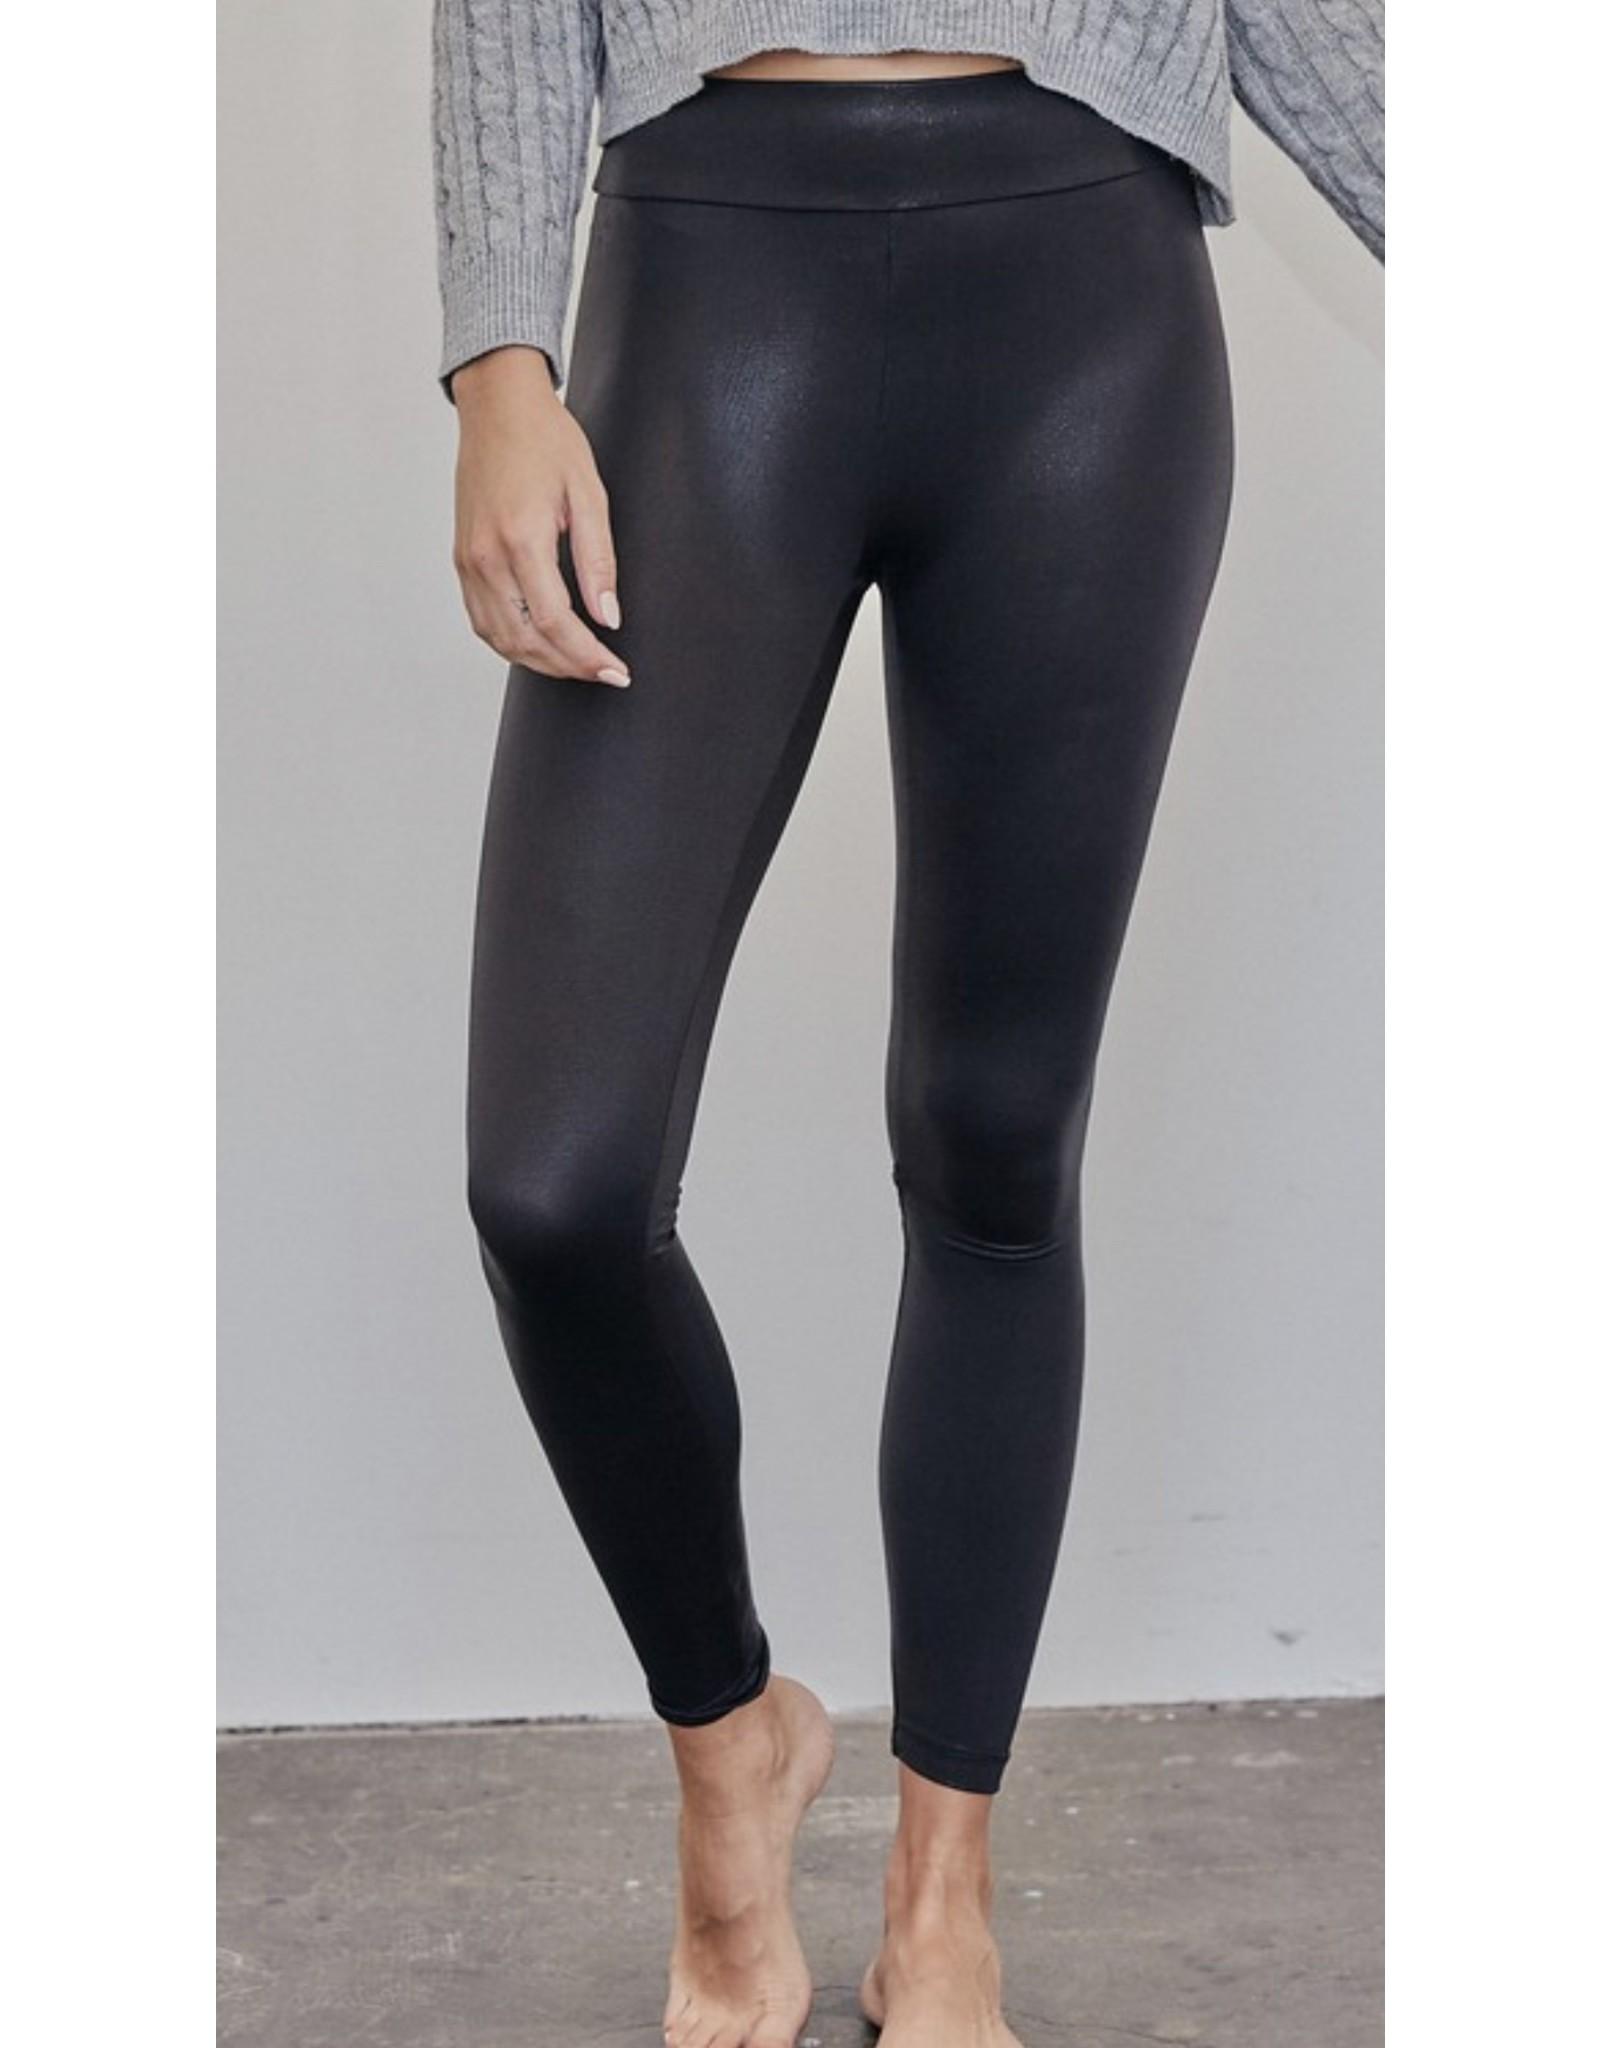 Idem Ditto  Shimmer Leggings - Black